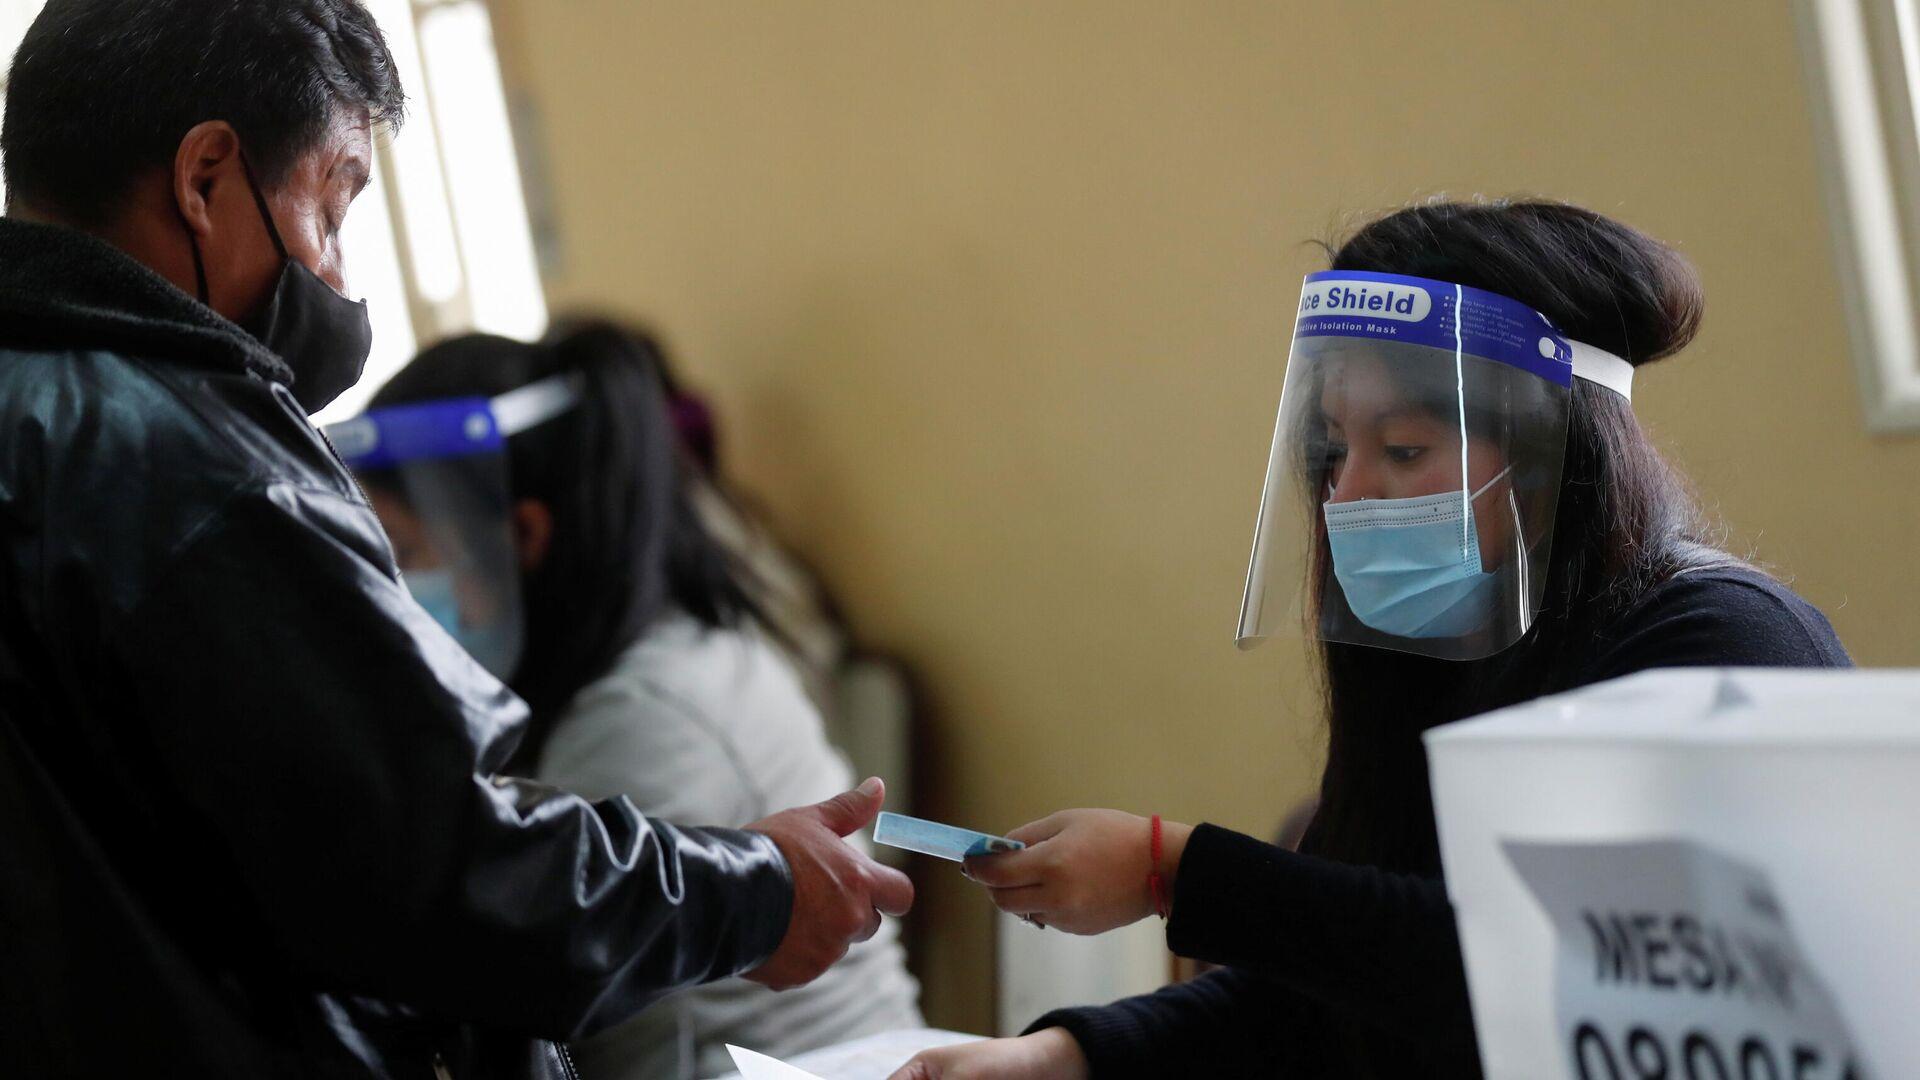 Elecciones presidenciales en Perú, el 11 de abril de 2021 - Sputnik Mundo, 1920, 11.04.2021